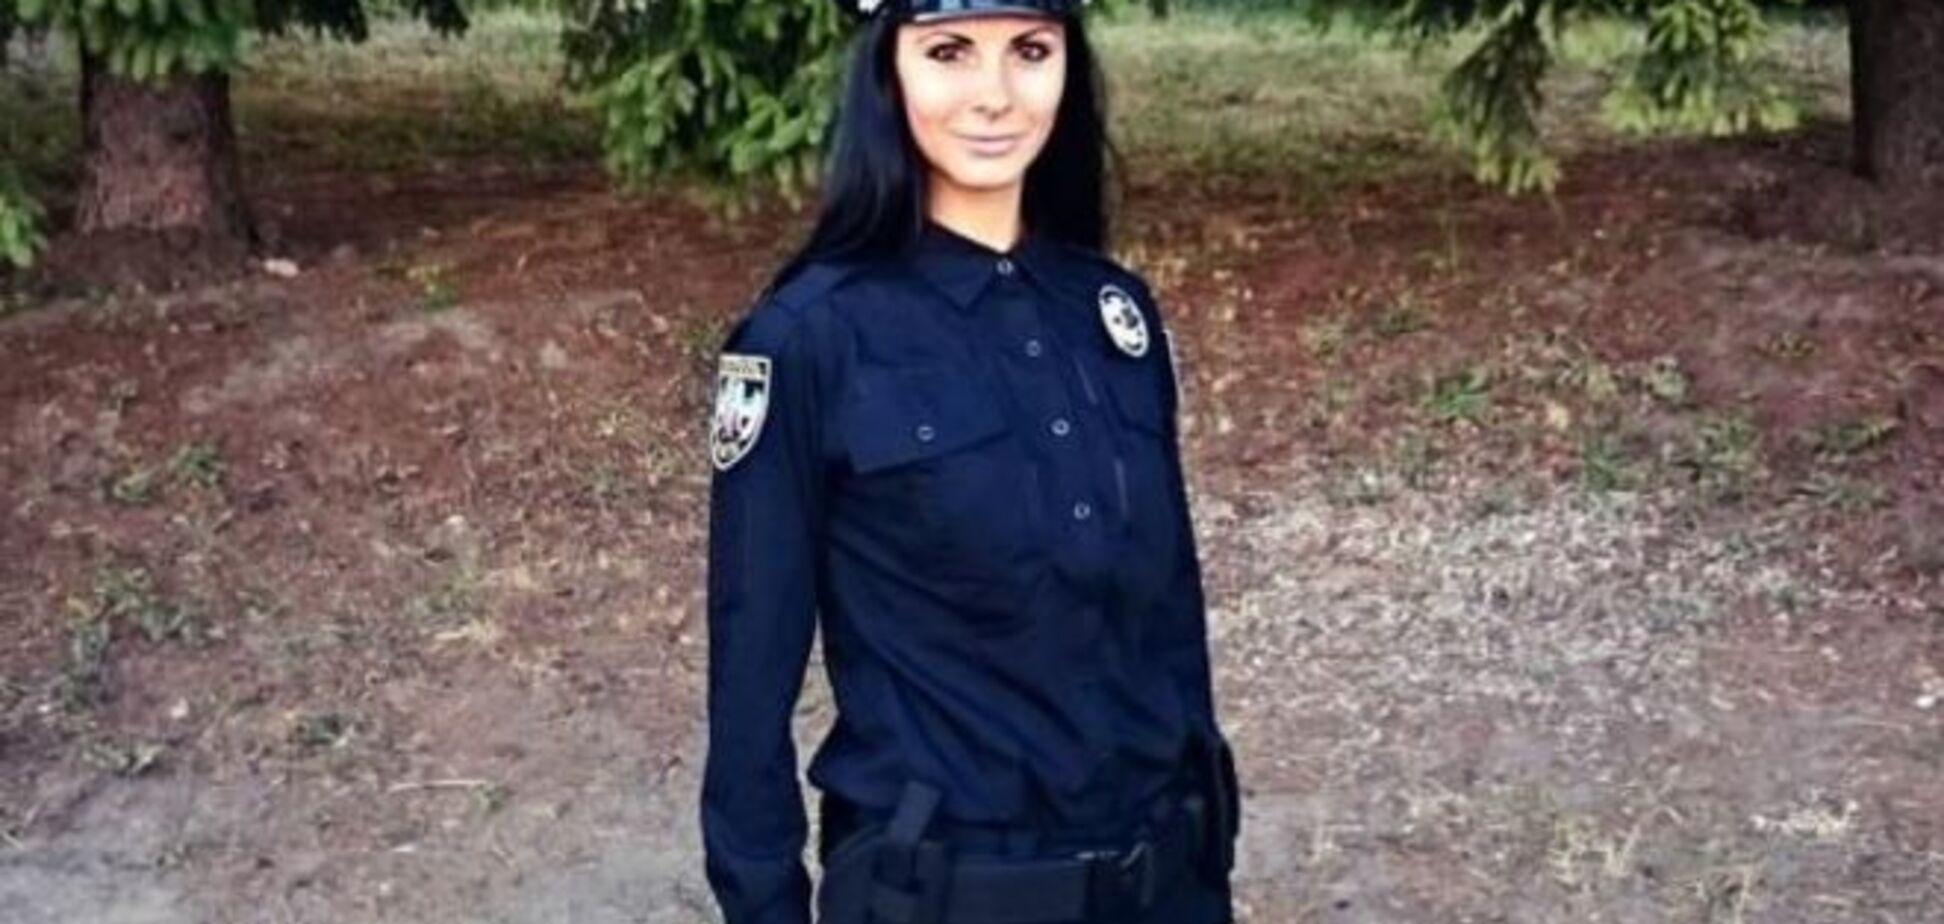 Начальник полиции прокомментировал скандальные фото красотки-копа